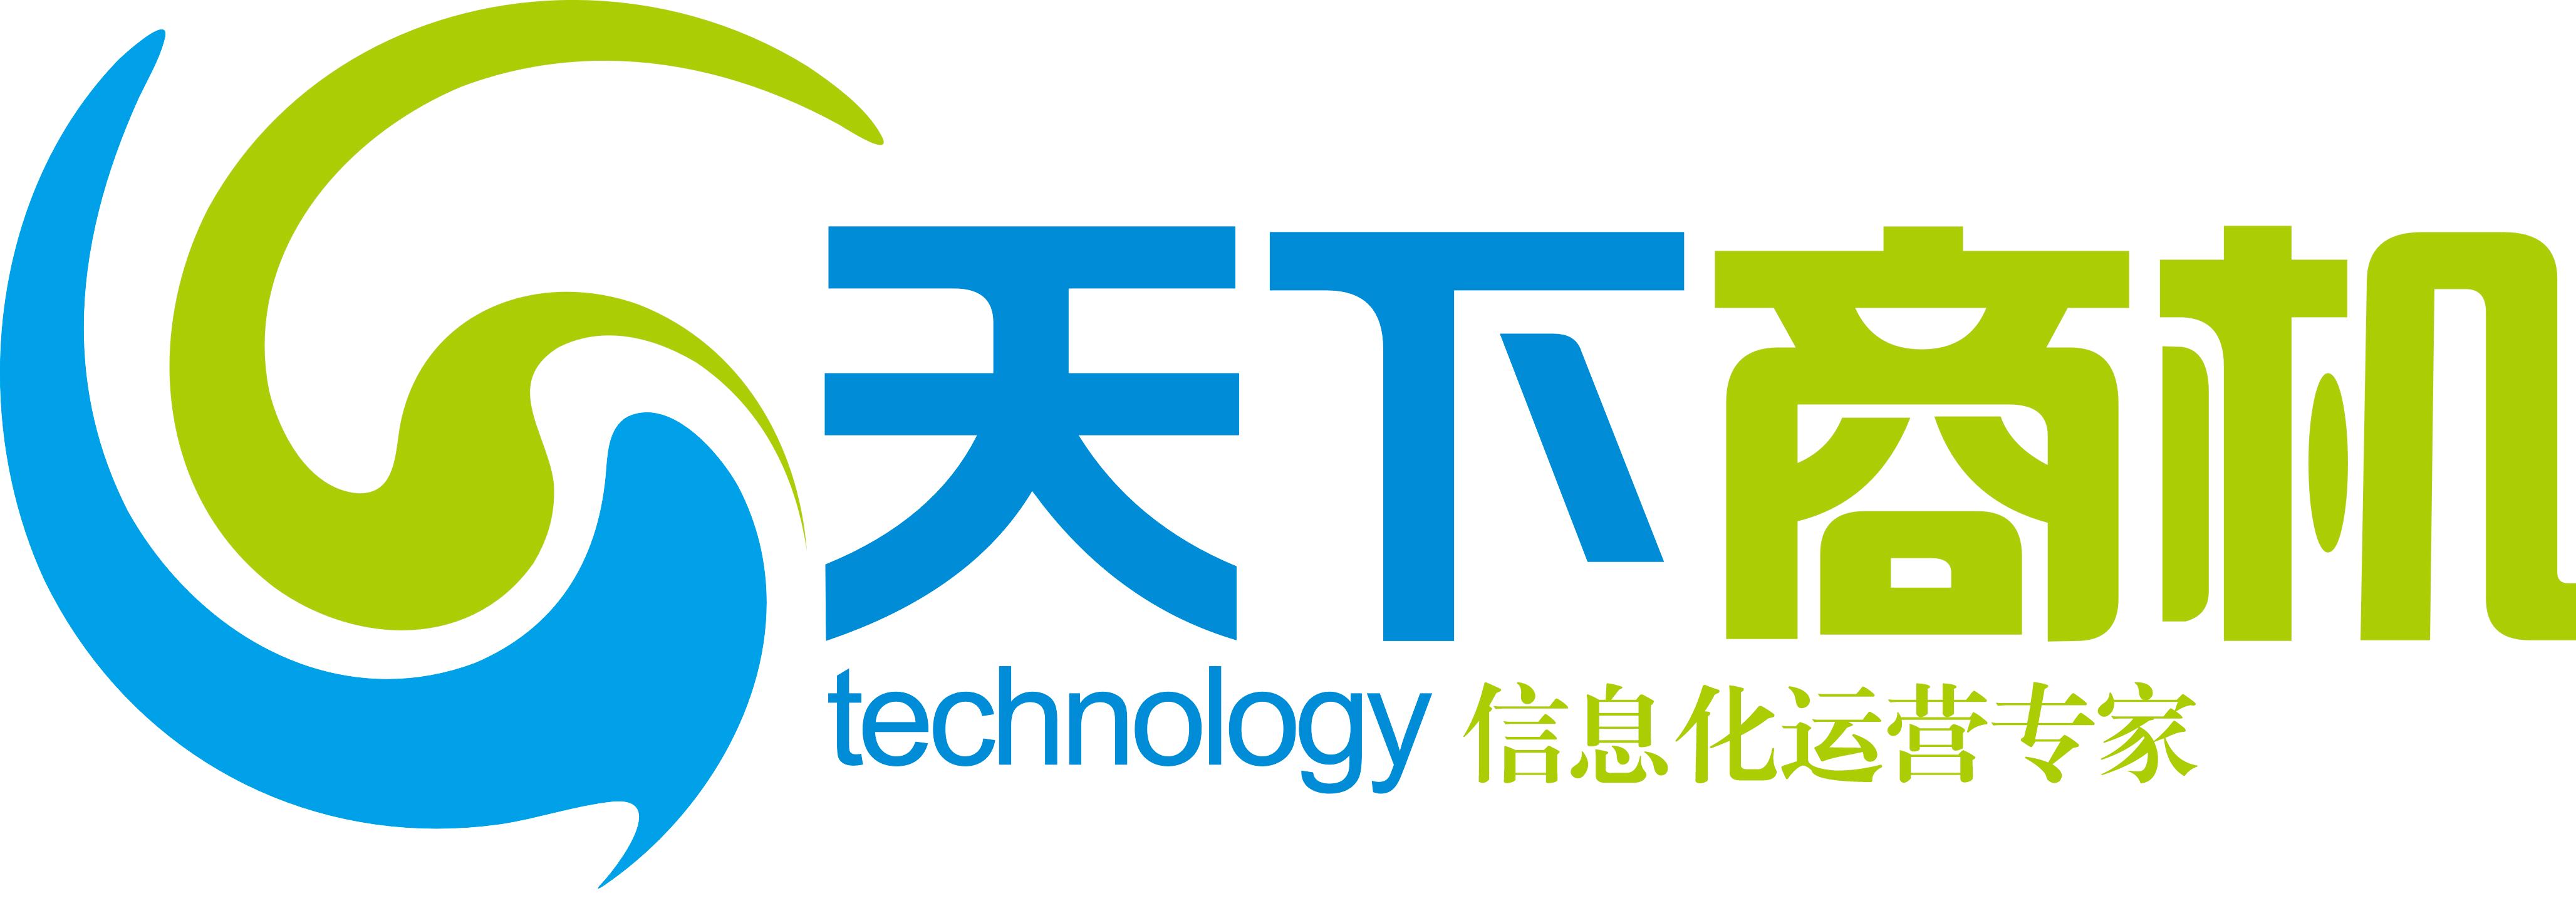 金华天下商机网络科技有限公司